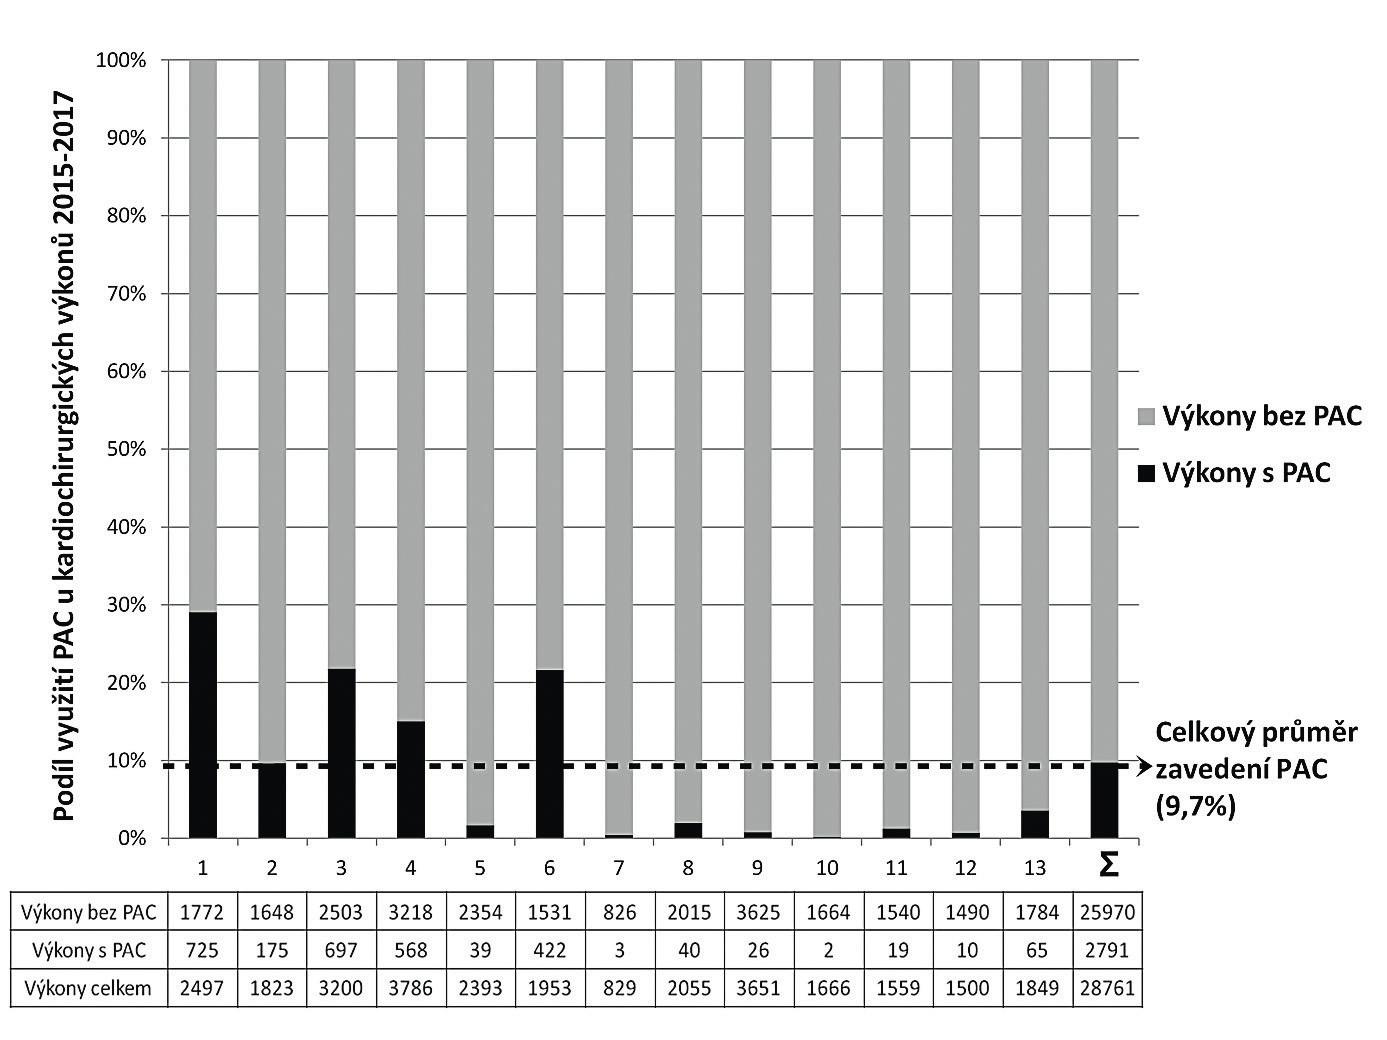 Počty výkonů v jednotlivých centrech s PAC a bez něj PAC – plicnicový katétr